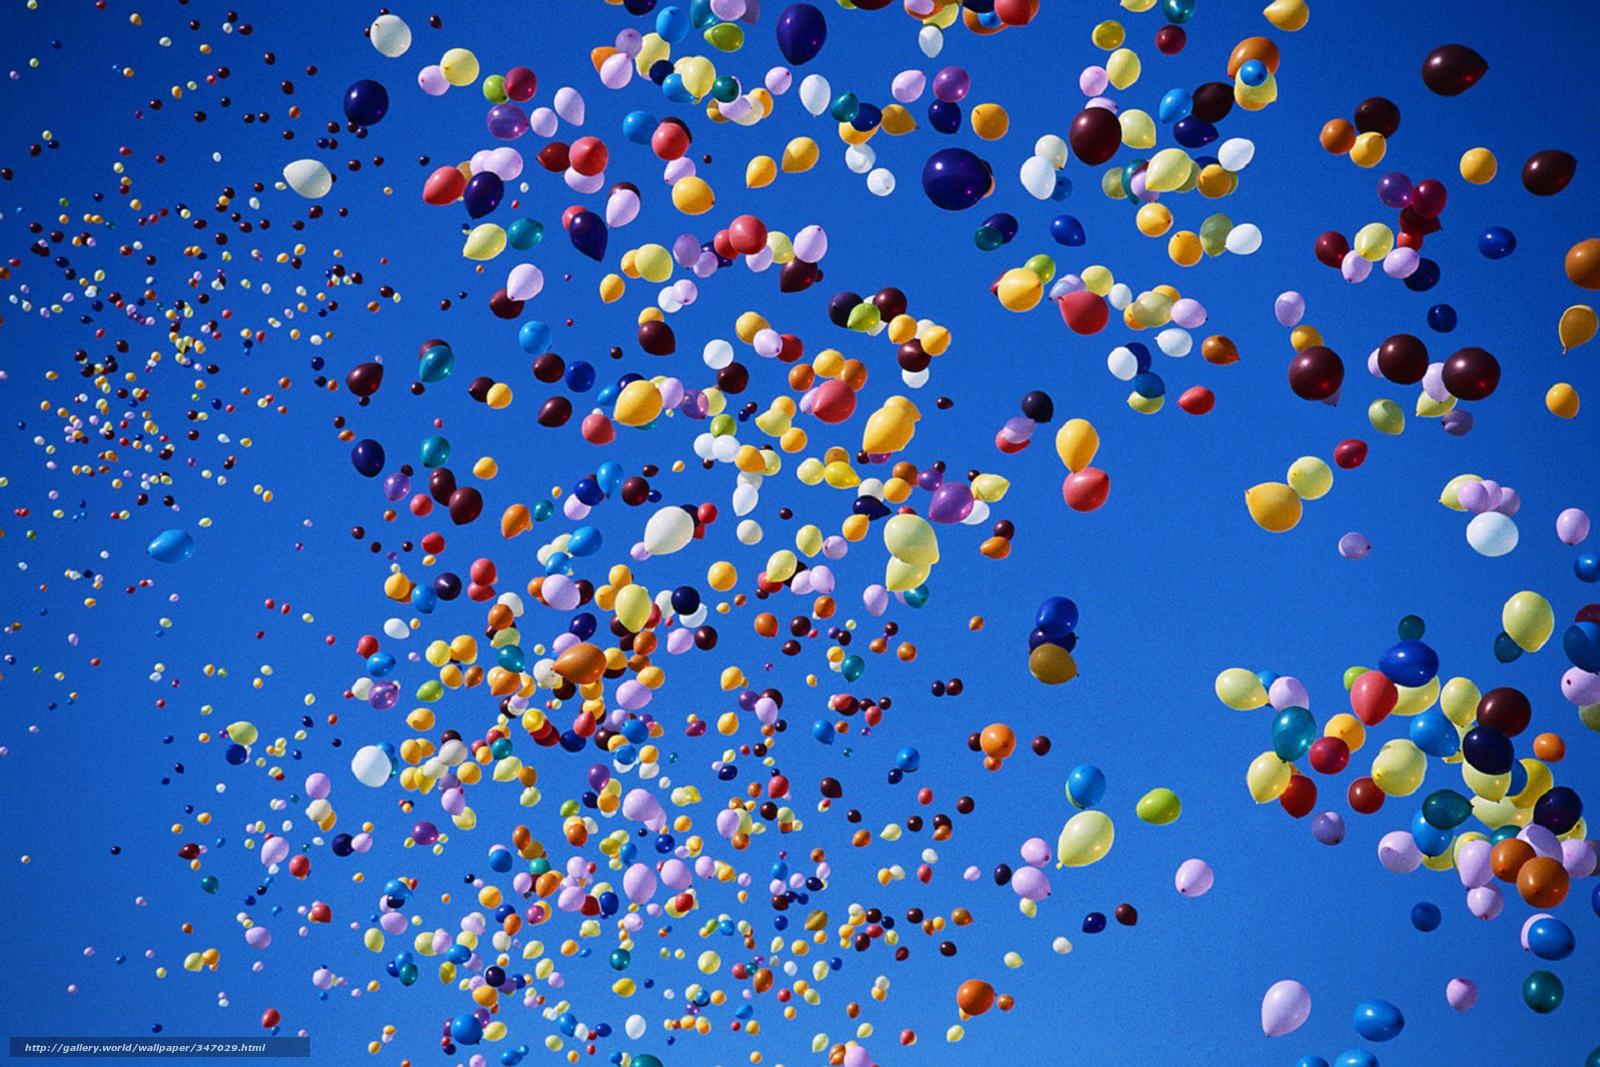 Скачать обои Небо,  воздушные шары,  шарики,  разноцветные бесплатно для рабочего стола в разрешении 1950x1300 — картинка №347029